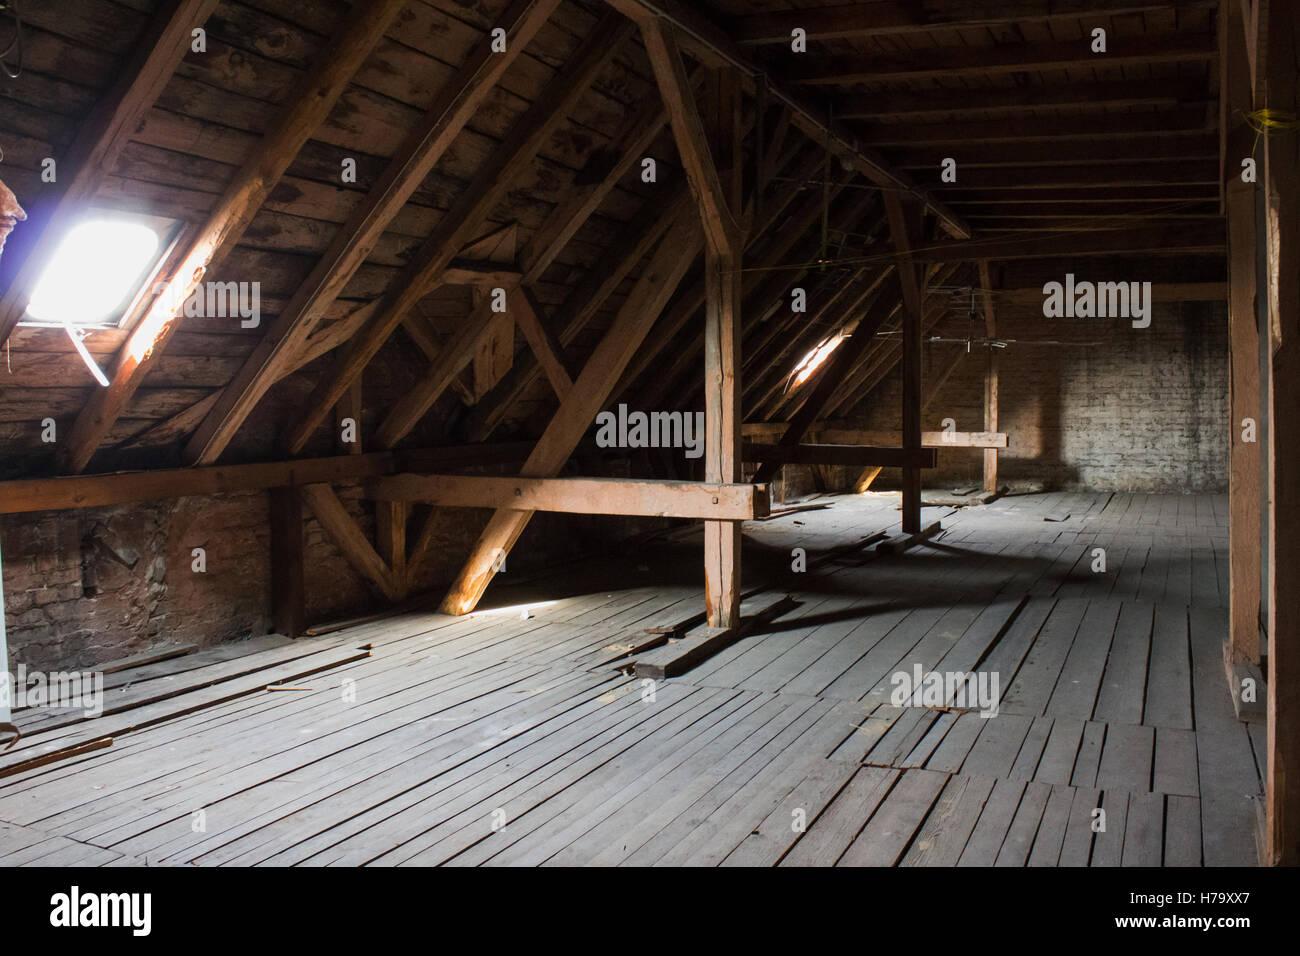 Techo, vigas de madera en el viejo desván / techo antes de la construcción Imagen De Stock